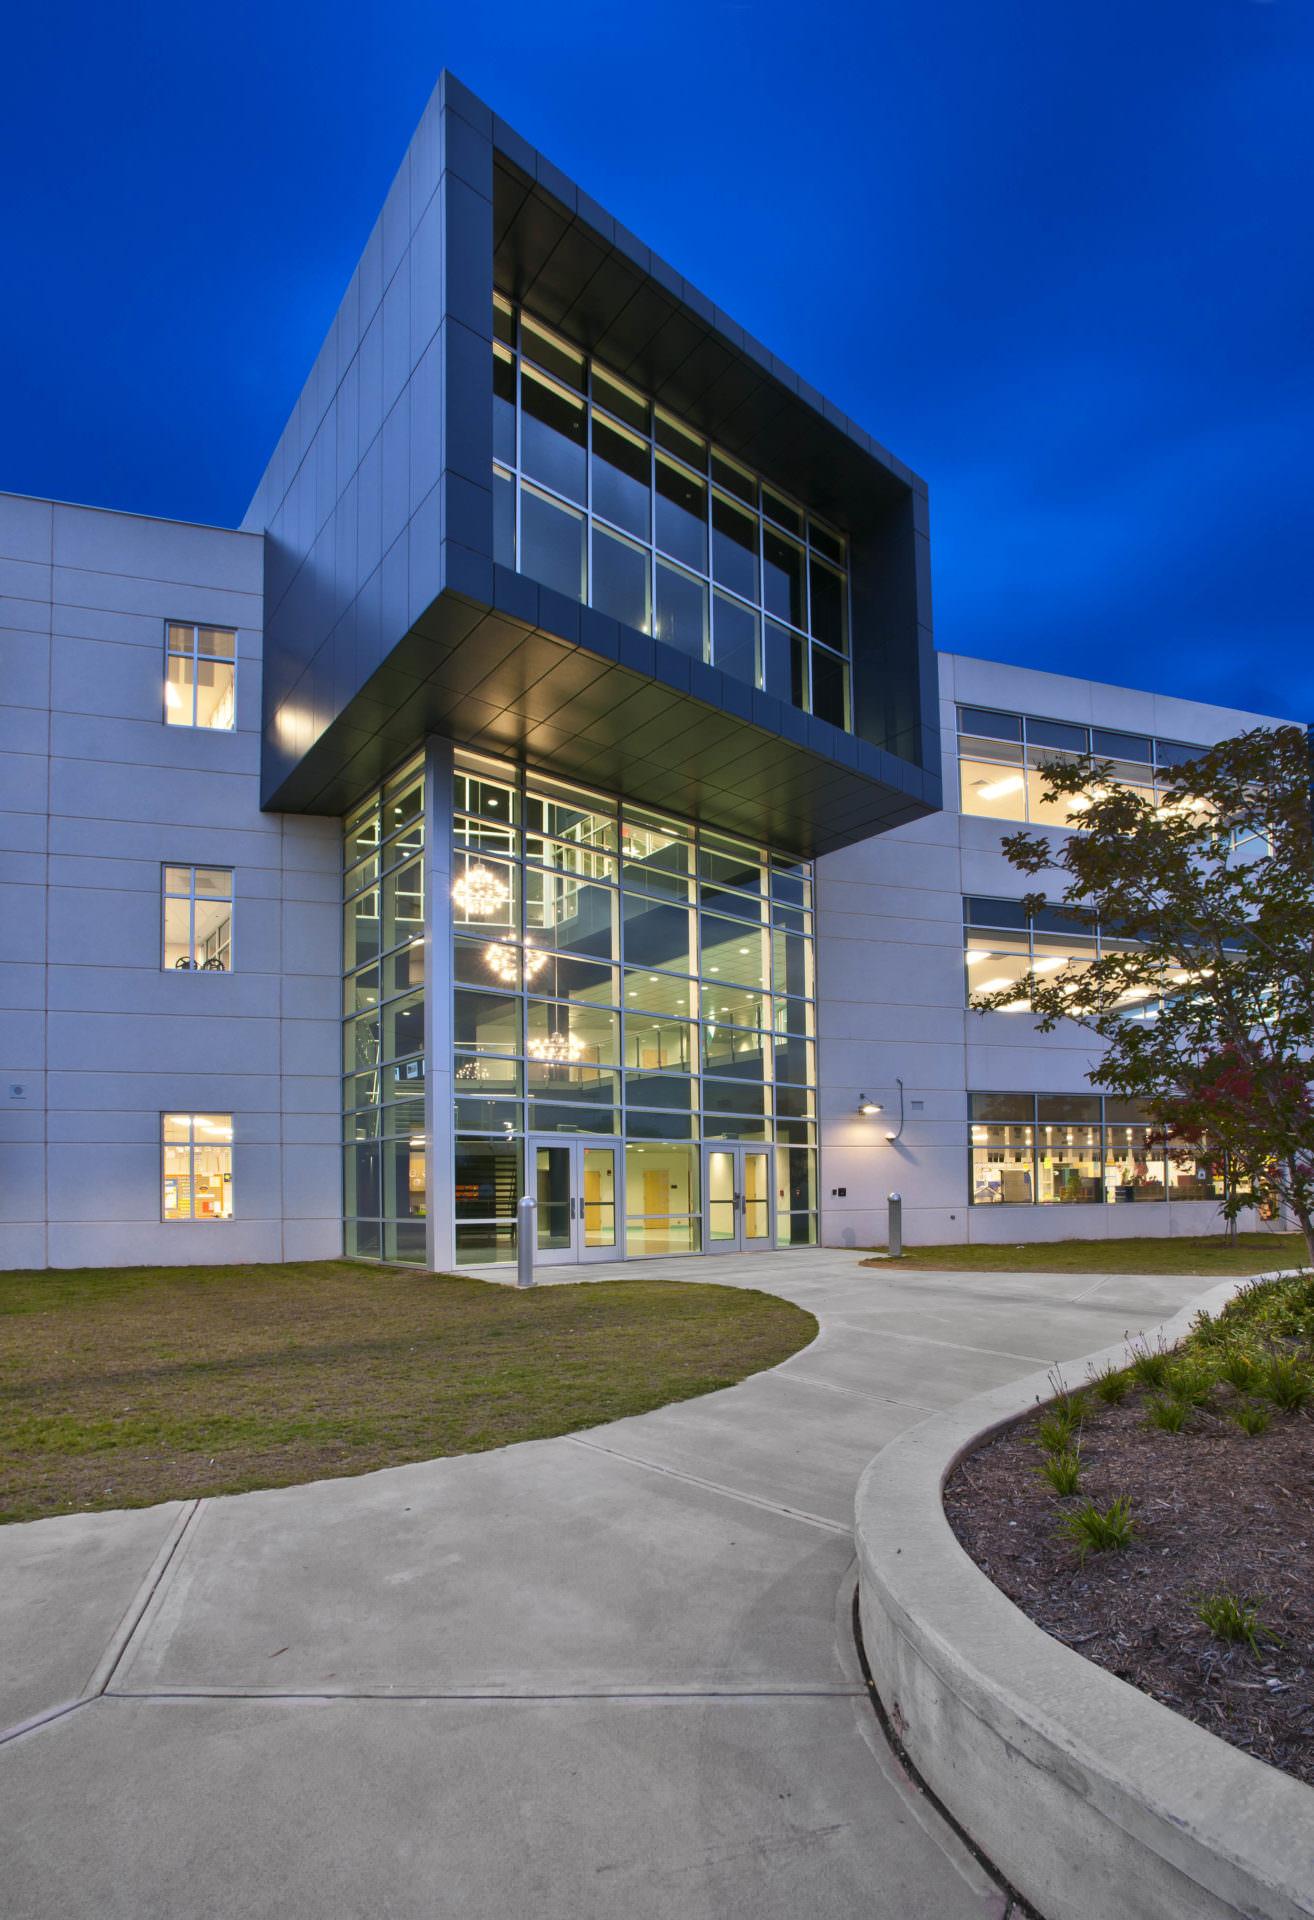 A J Whittenberg School Of Engineering Craig Gaulden